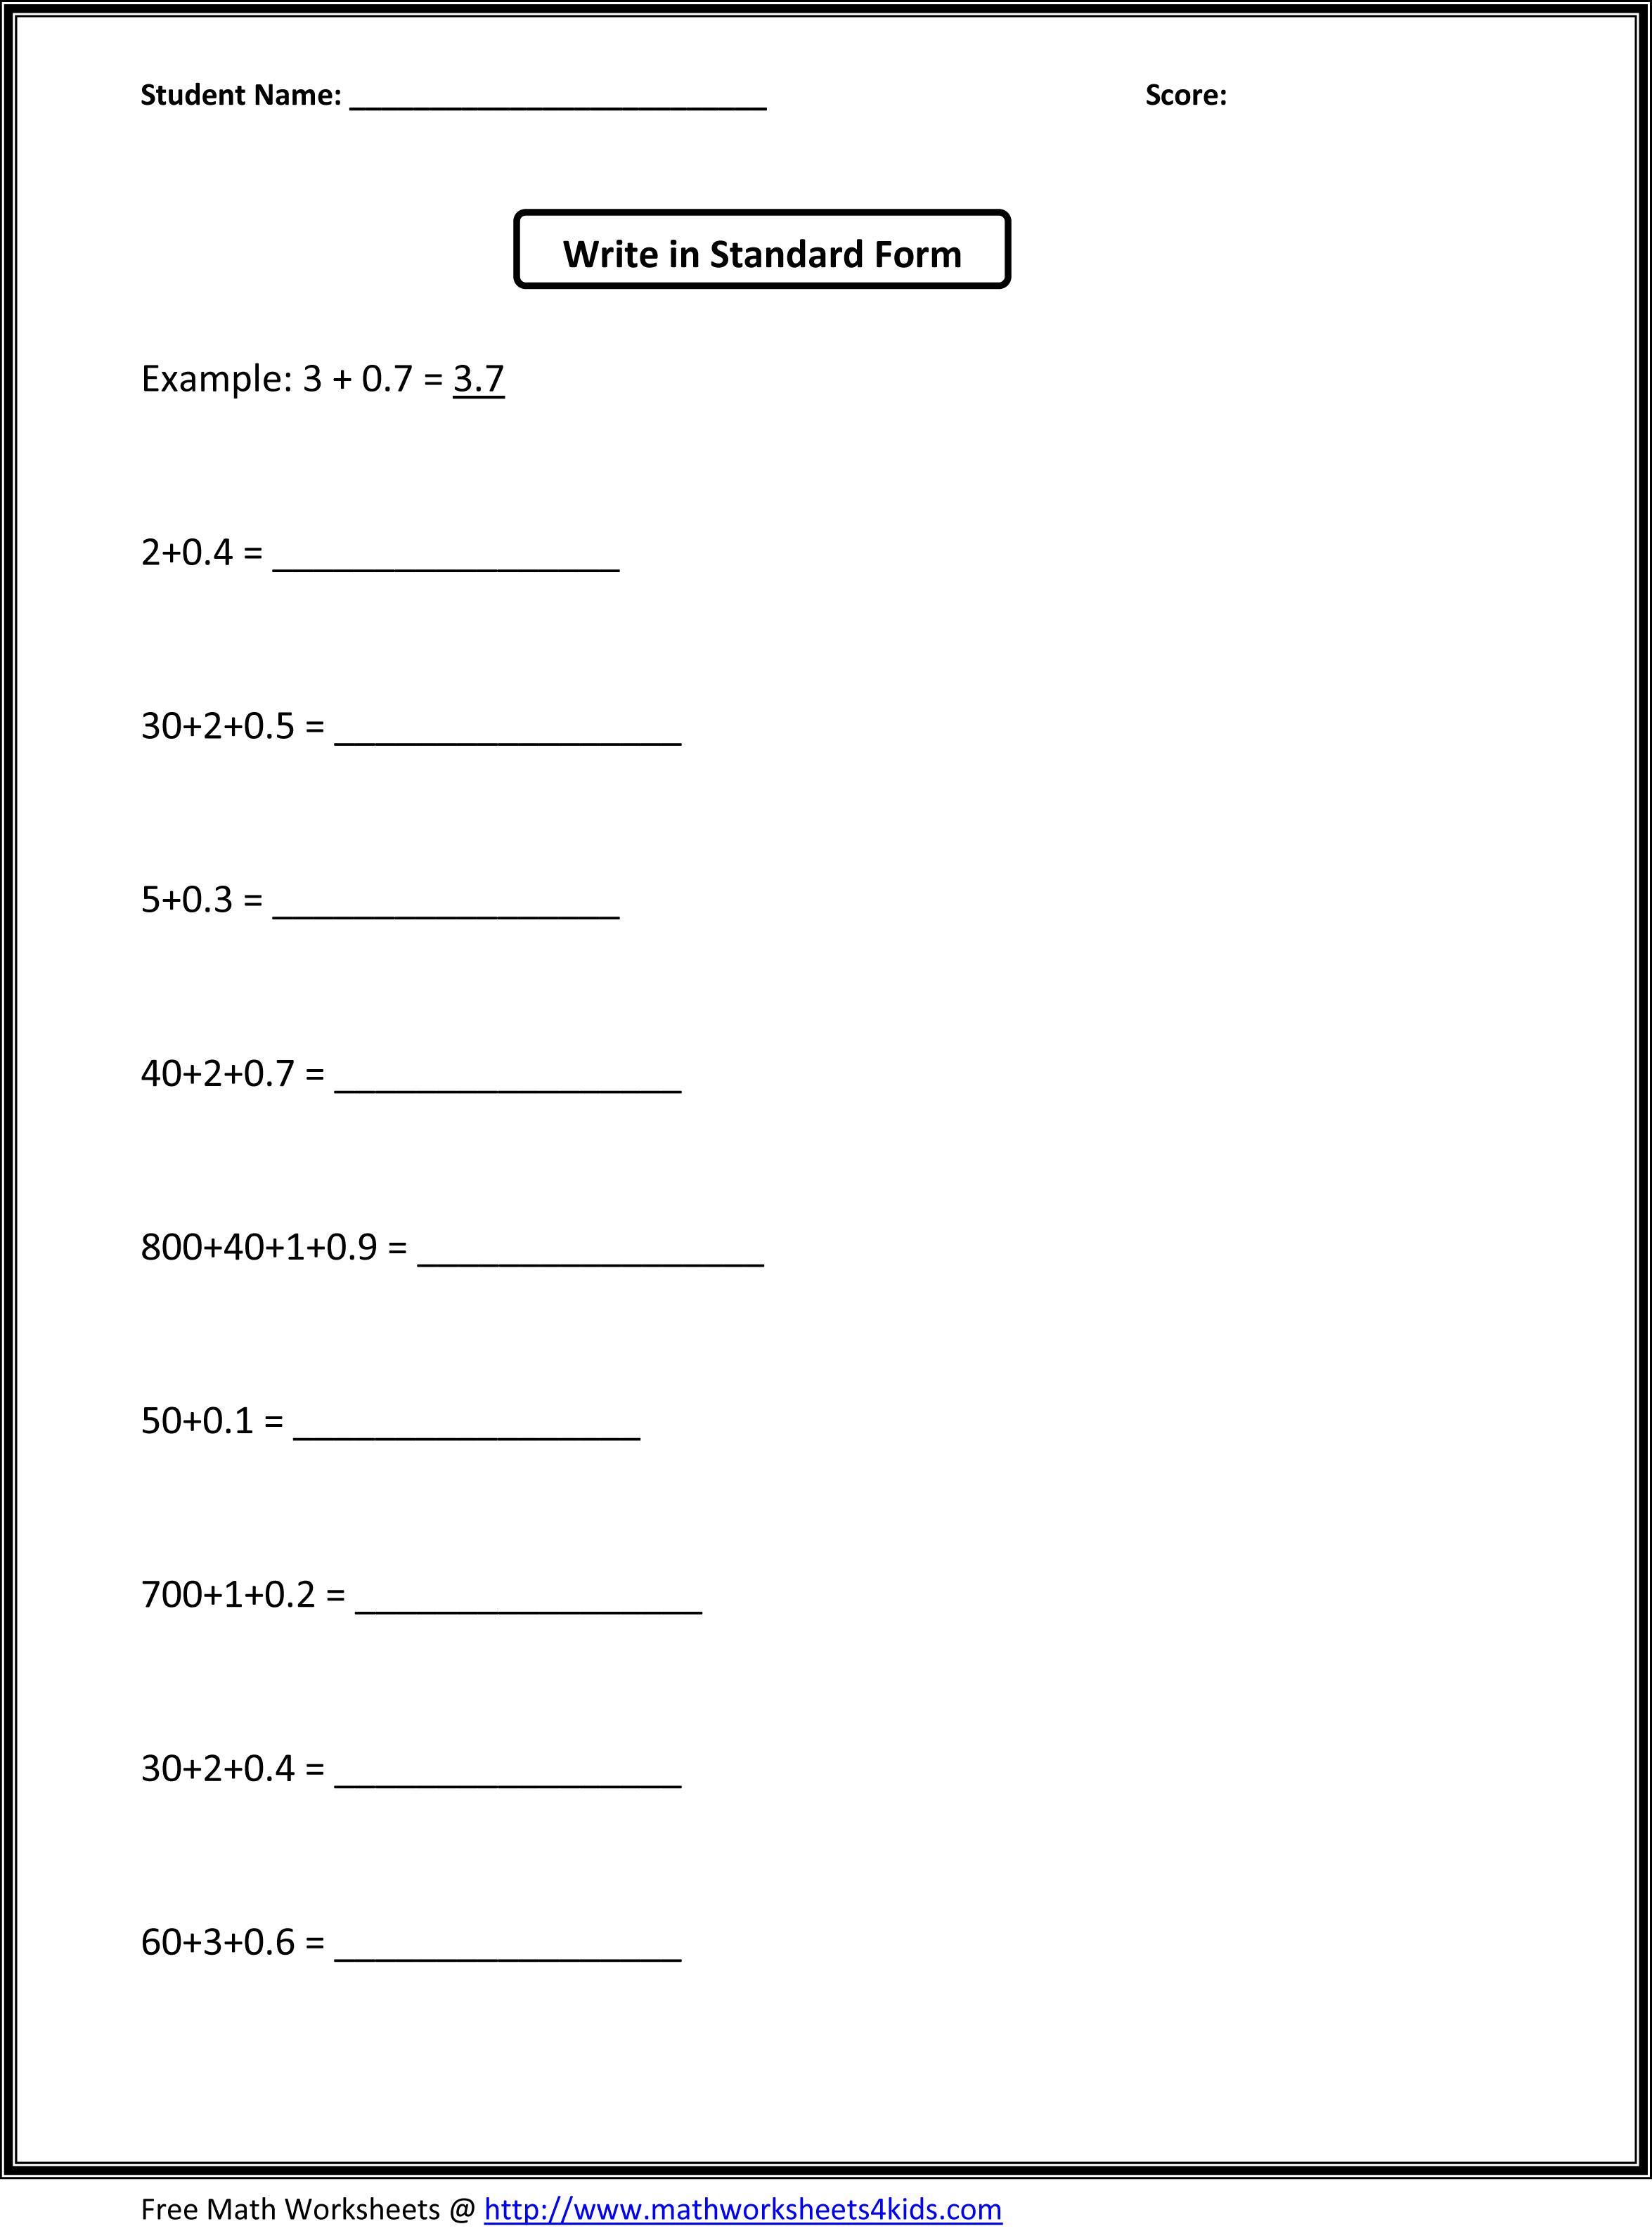 19 Best Images Of Fun Algebra Worksheets